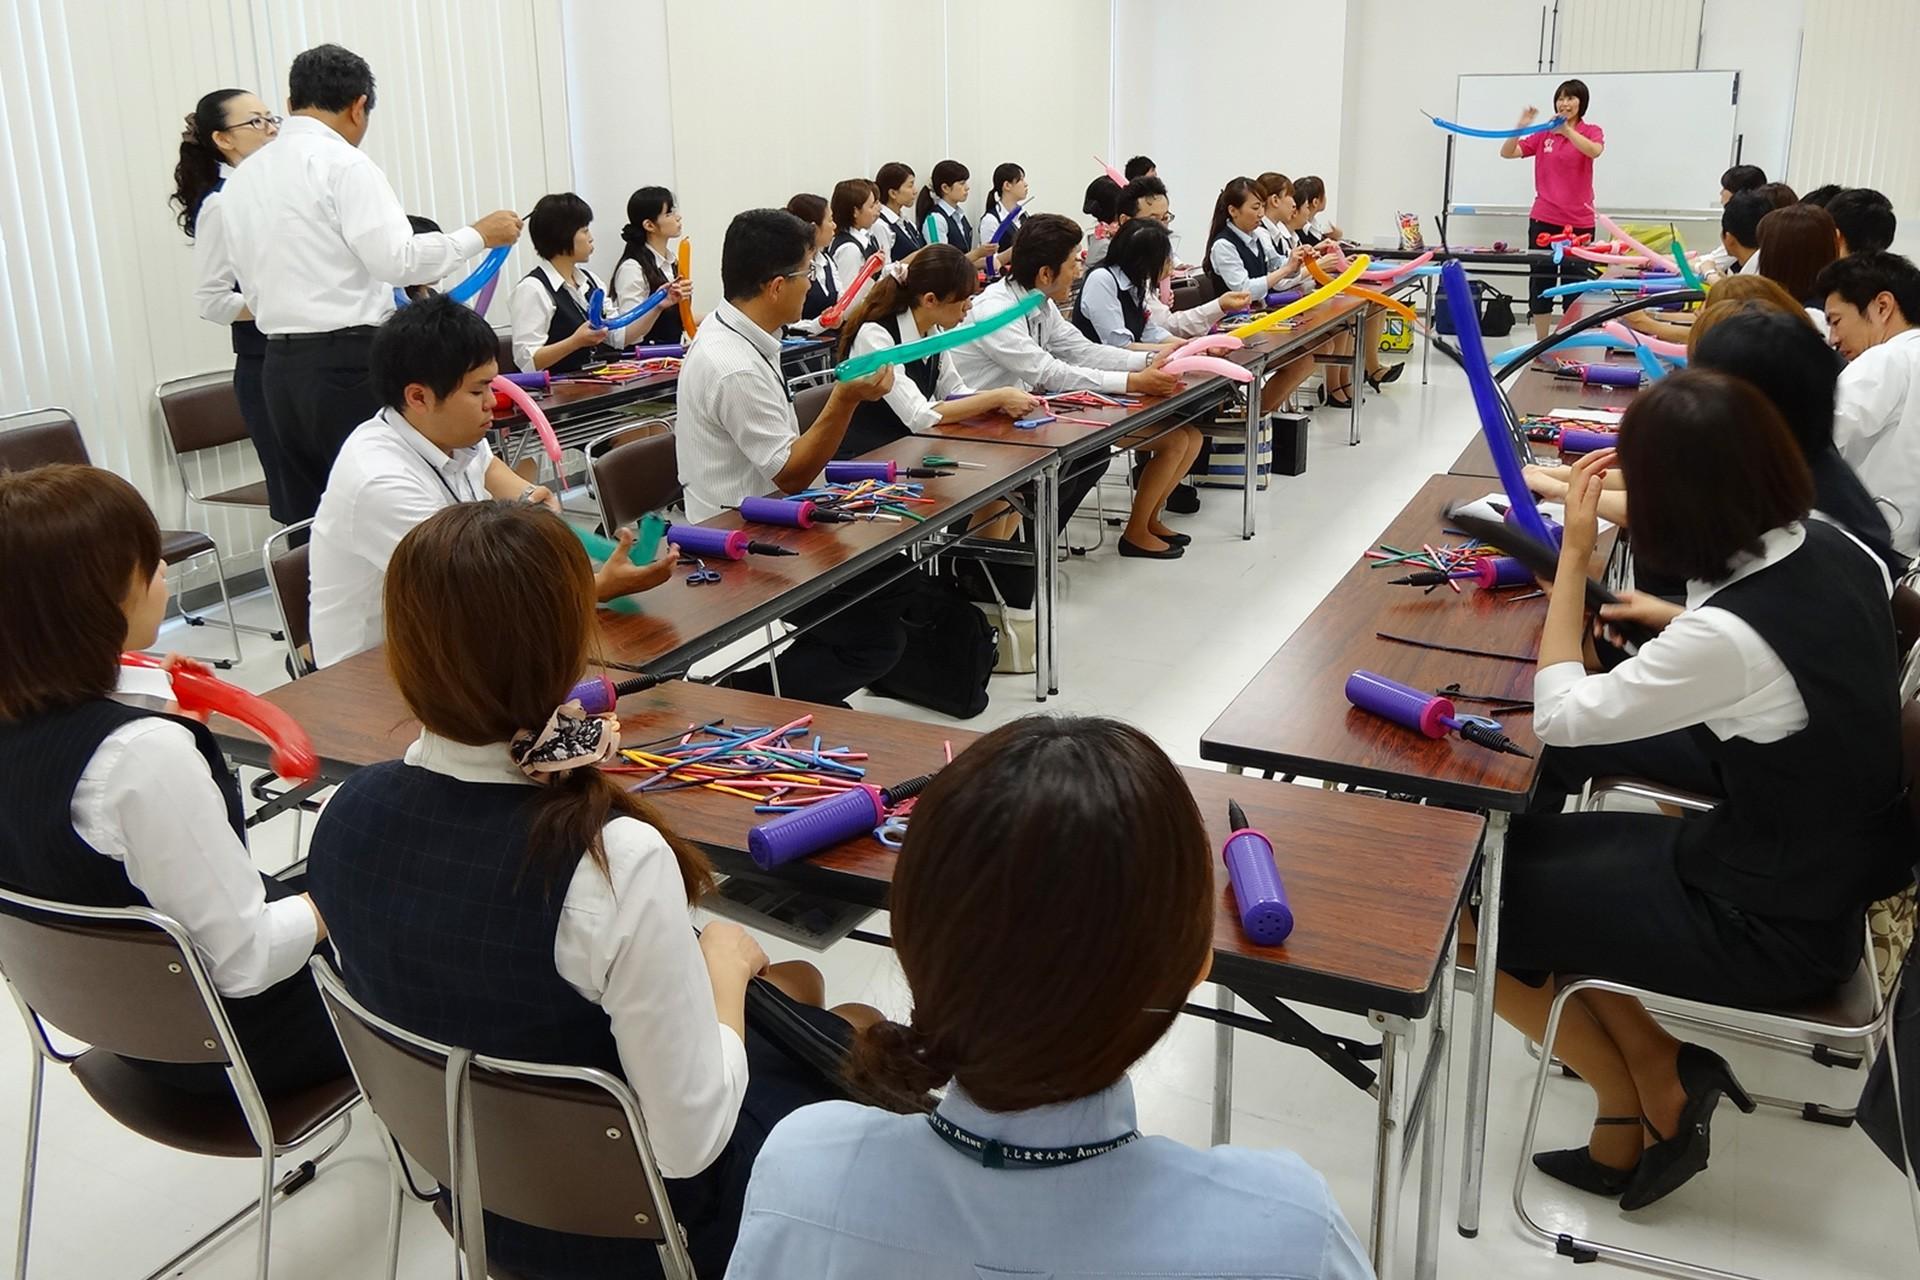 企業向けのバルーン教室